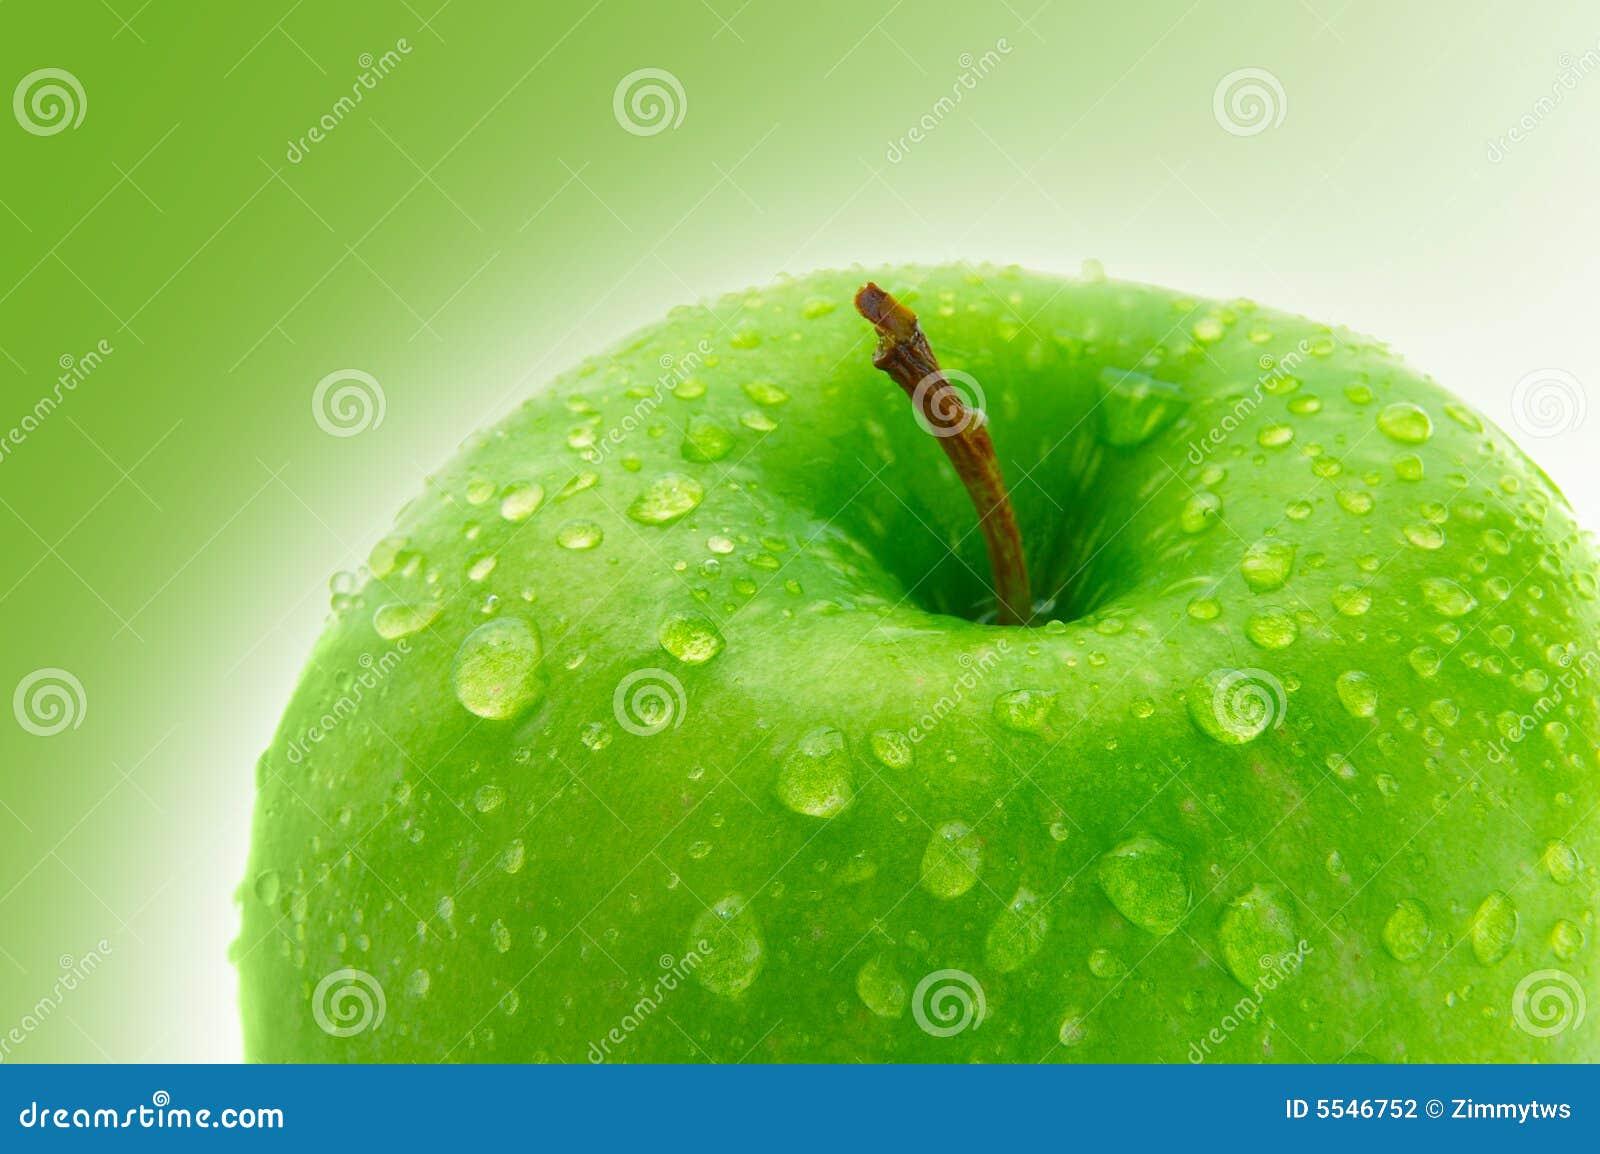 яблоко - зеленый цвет